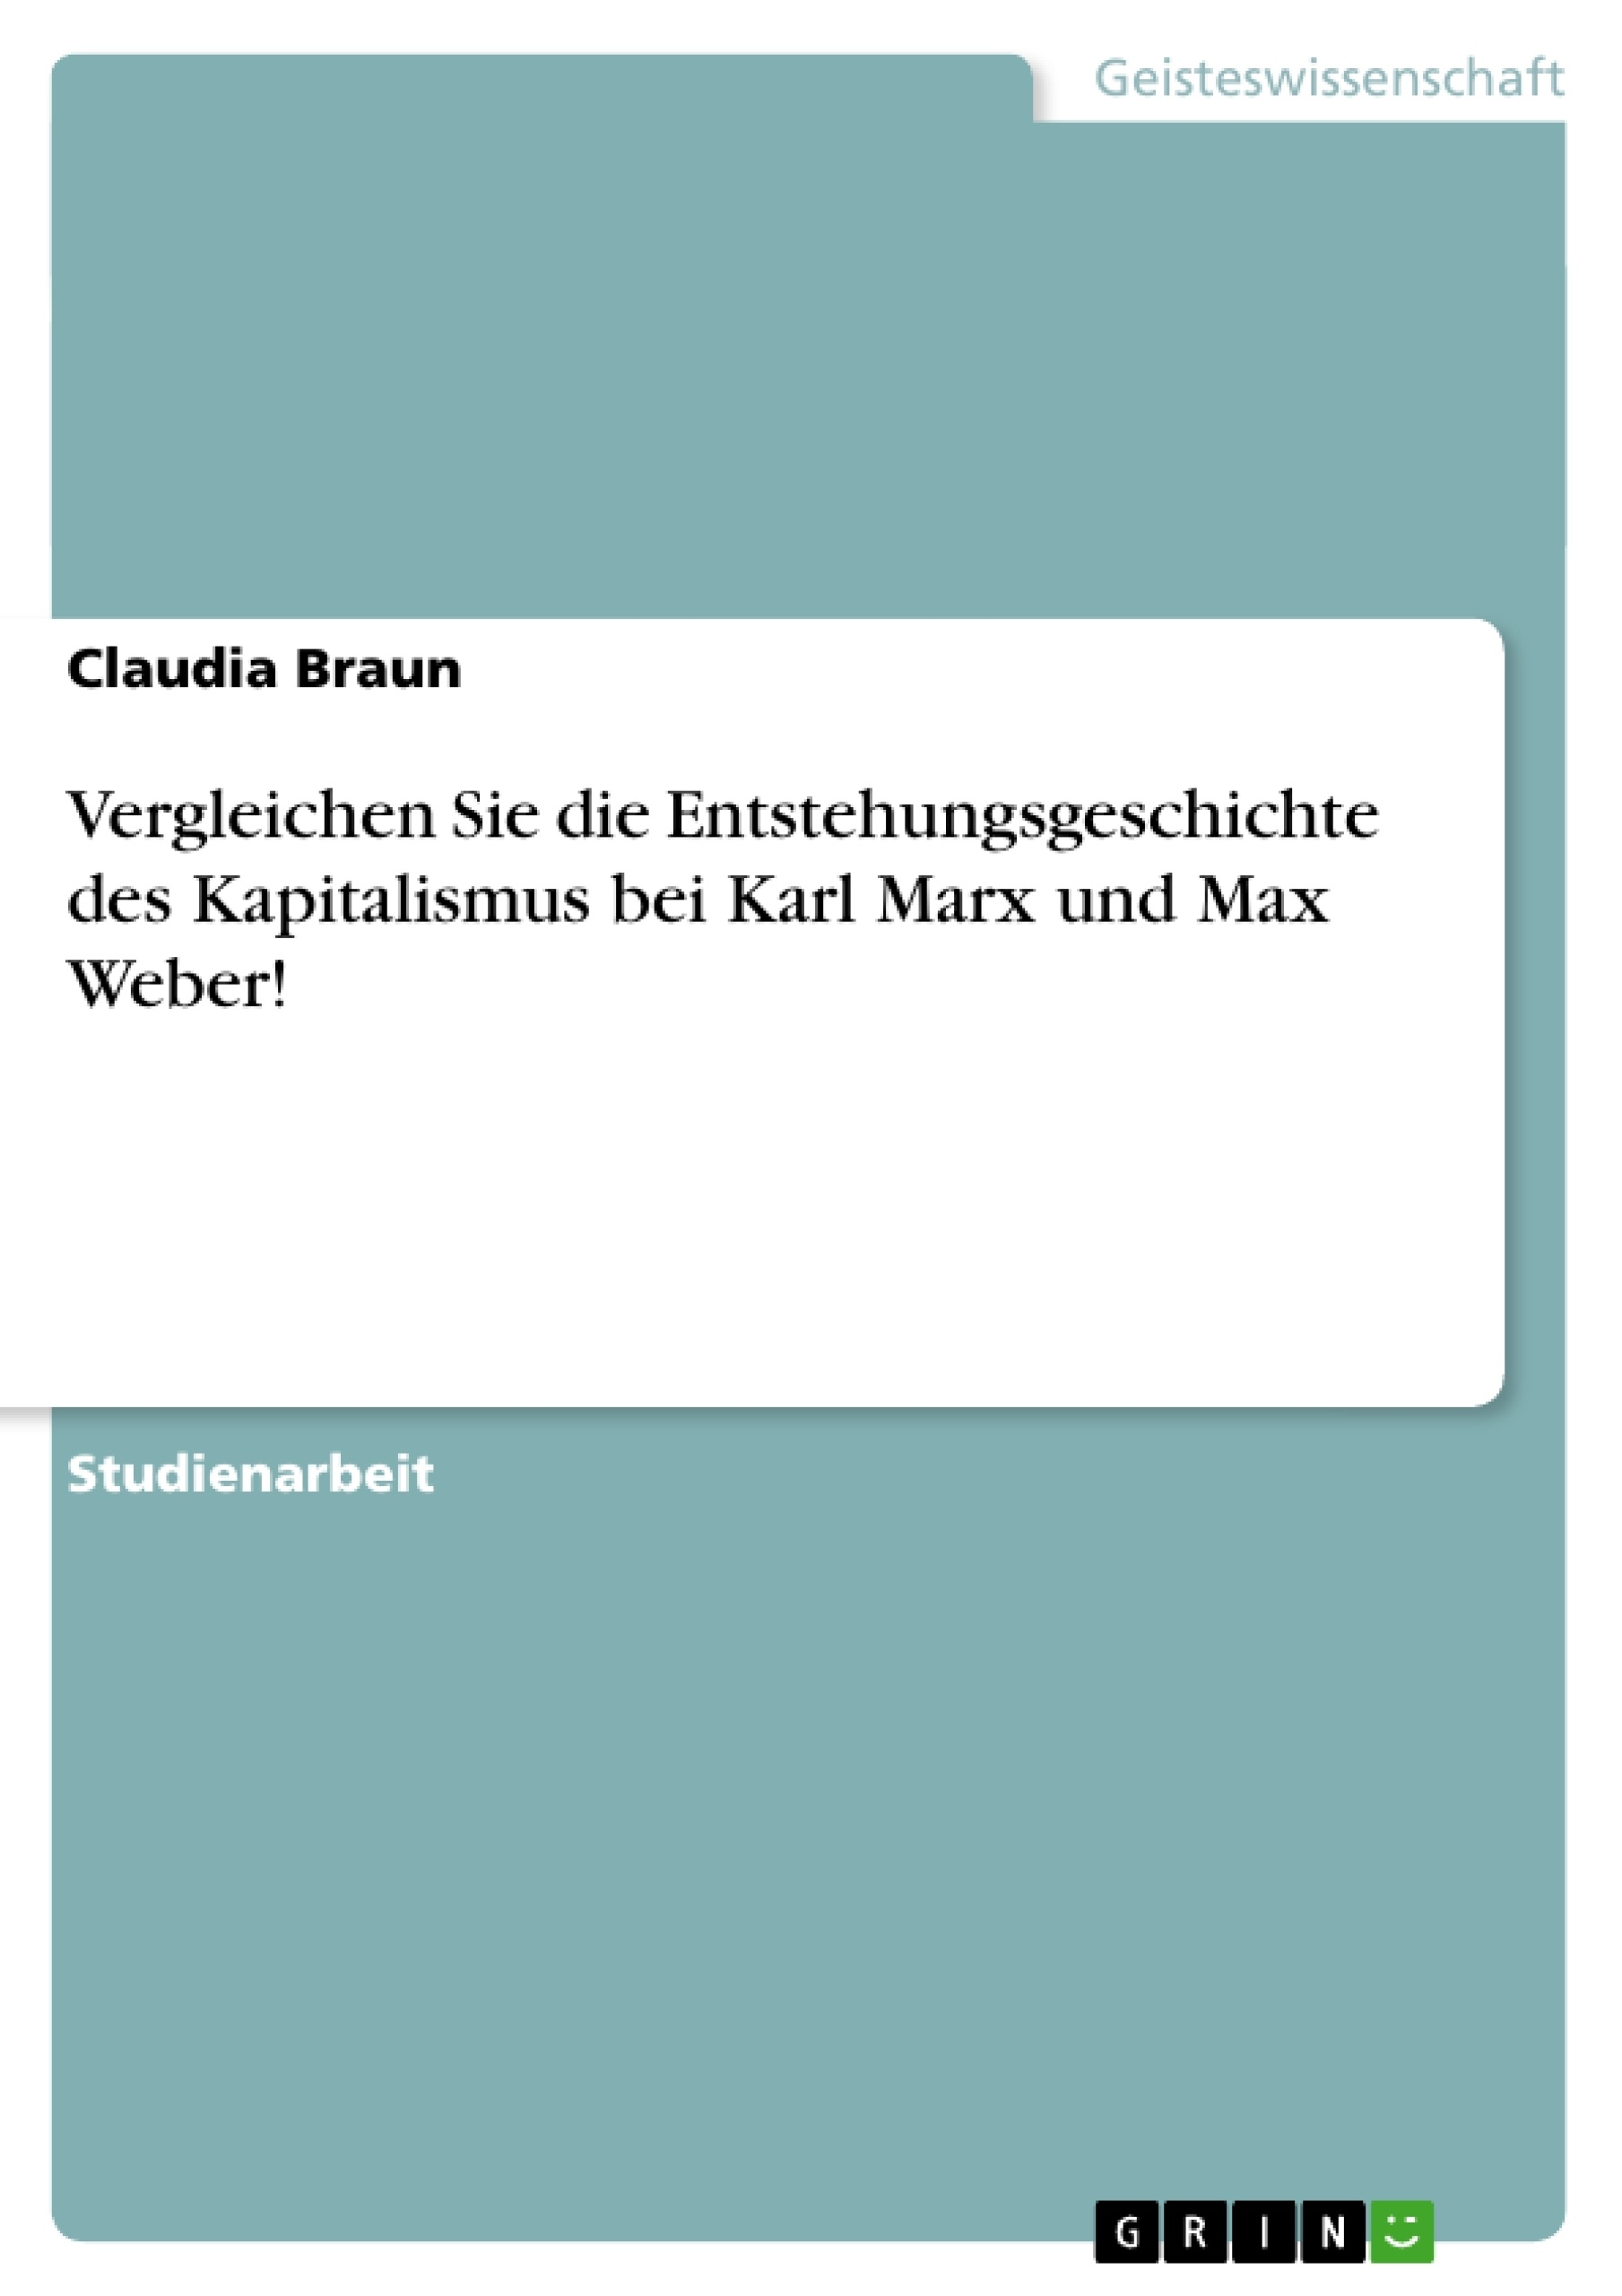 Titel: Vergleichen Sie die Entstehungsgeschichte des Kapitalismus bei Karl Marx und Max Weber!